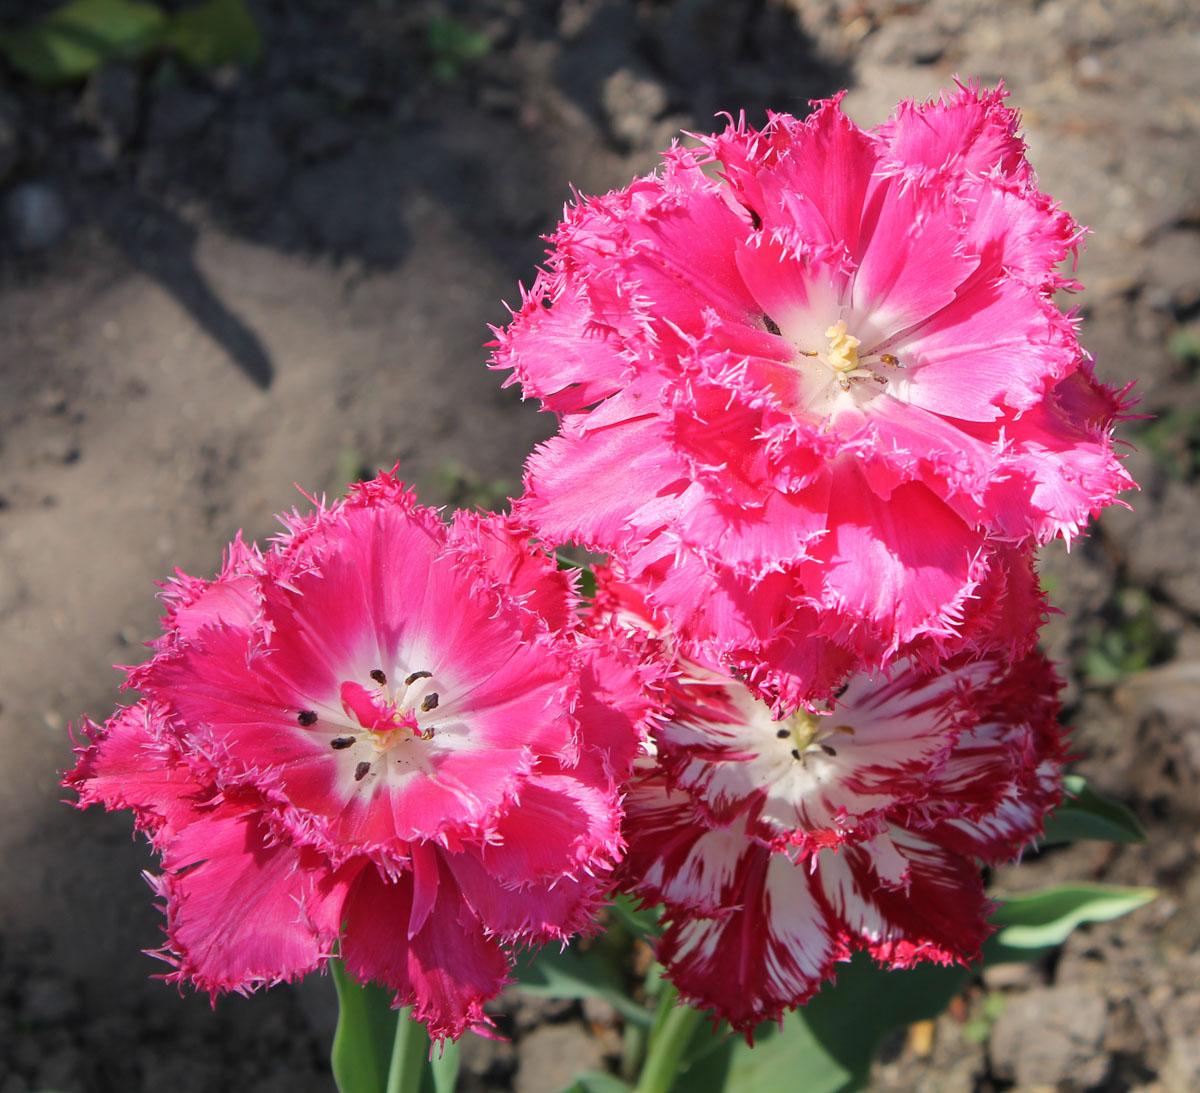 Тюльпан 'Kingston' (Кингстон). Два цветка со стандартной окраской и цветок с проявлением вирусной пестролепестности тюльпанов.